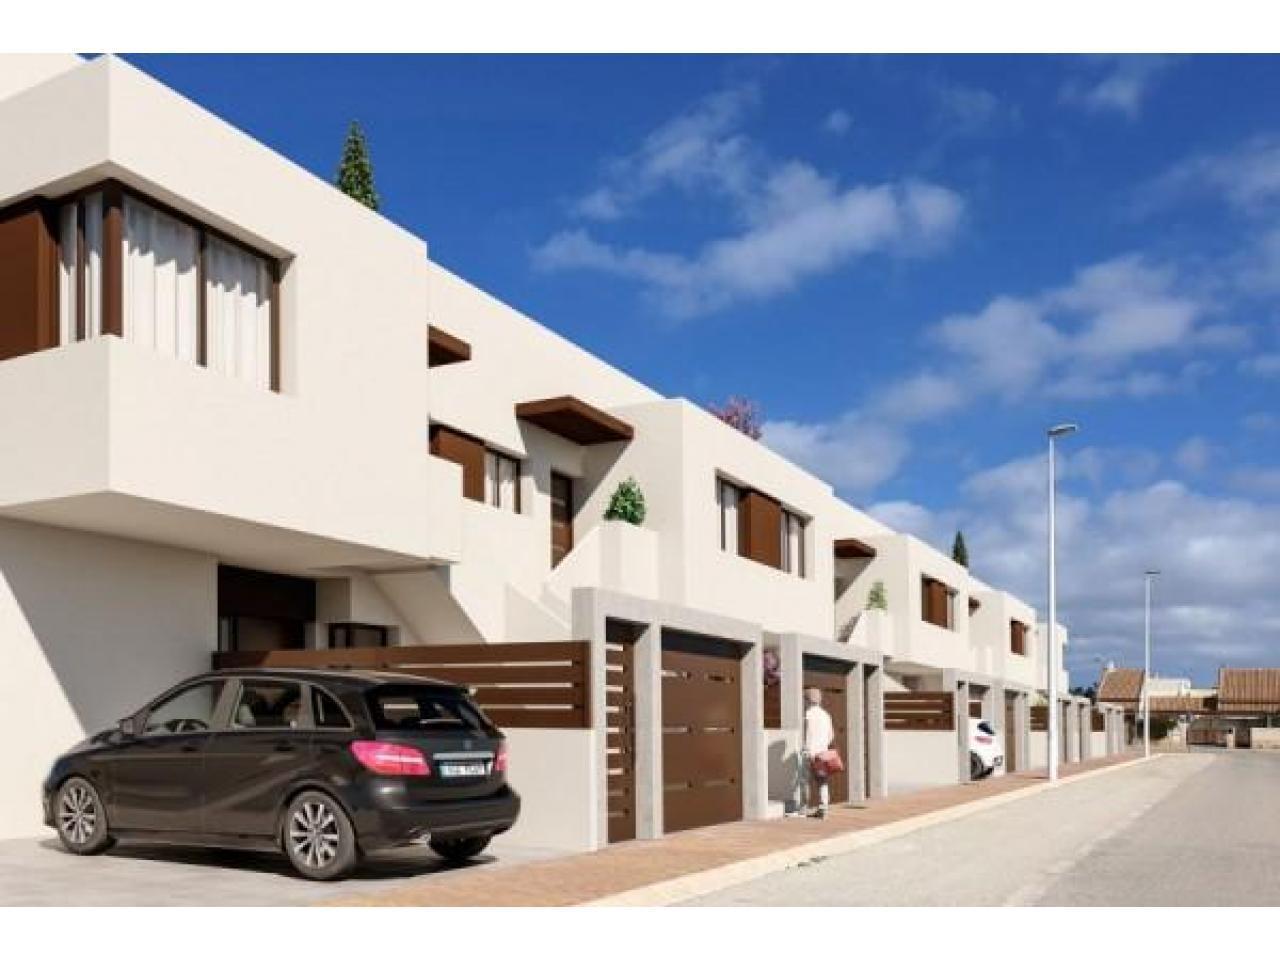 Недвижимость в Испании, Новые бунгало рядом с морем от застройщика в Сан-Педро-дель-Пинатар - 1